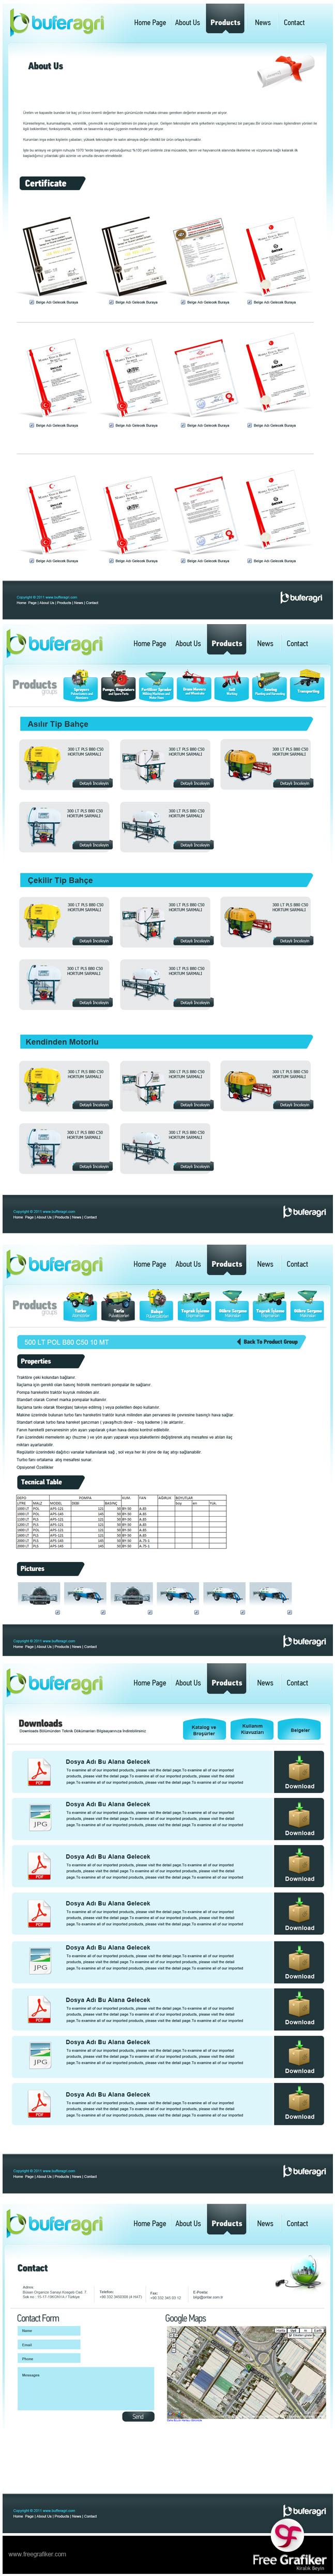 buferagri-tarim-sitesi-web-arayuz-alt-sayfa-tasarimlari